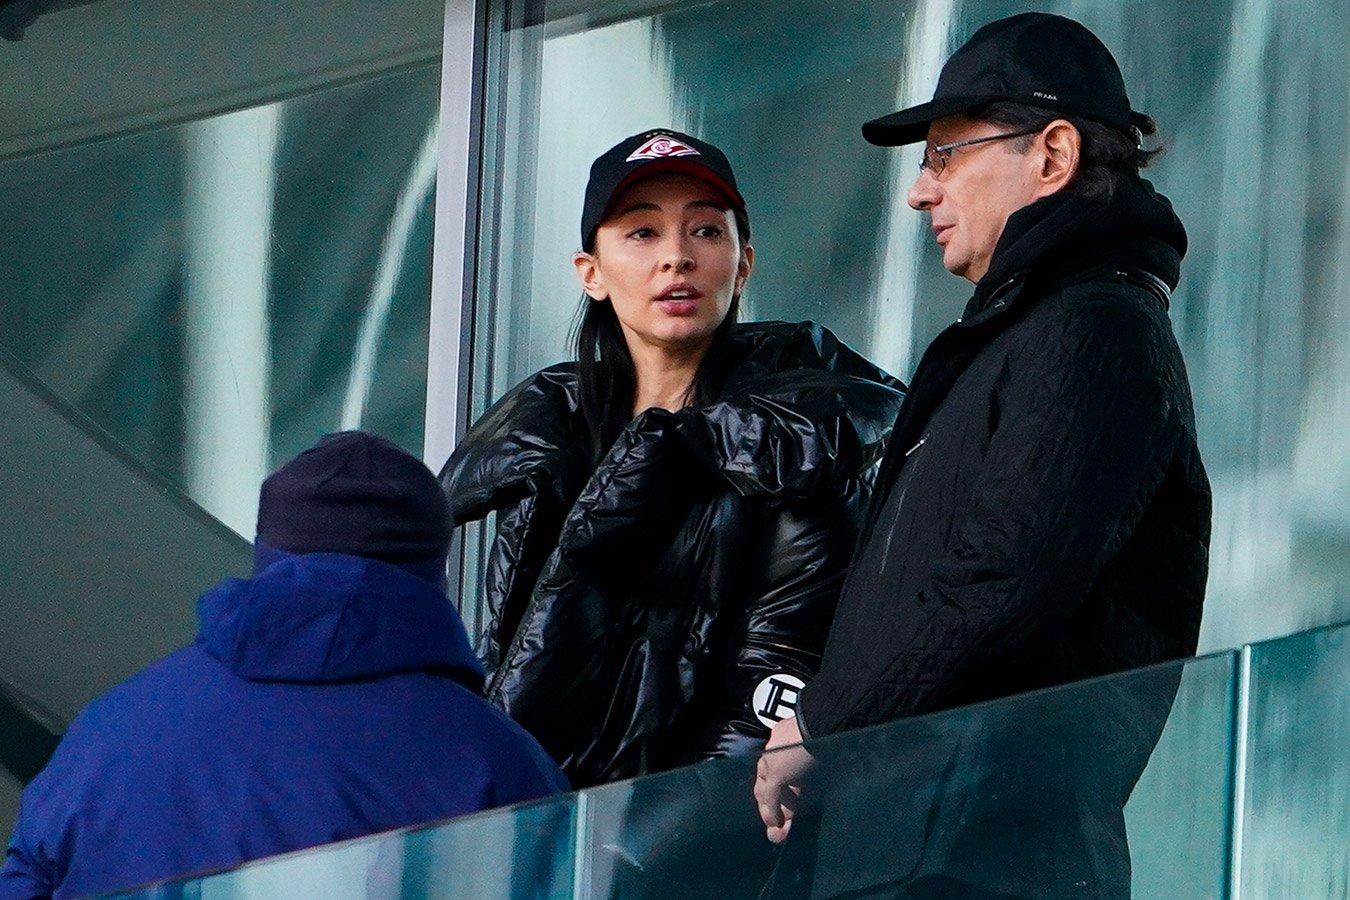 «Зачем она так говорит? Полное неуважение». Экс-тренер «Зенита» ответил на слова Салиховой